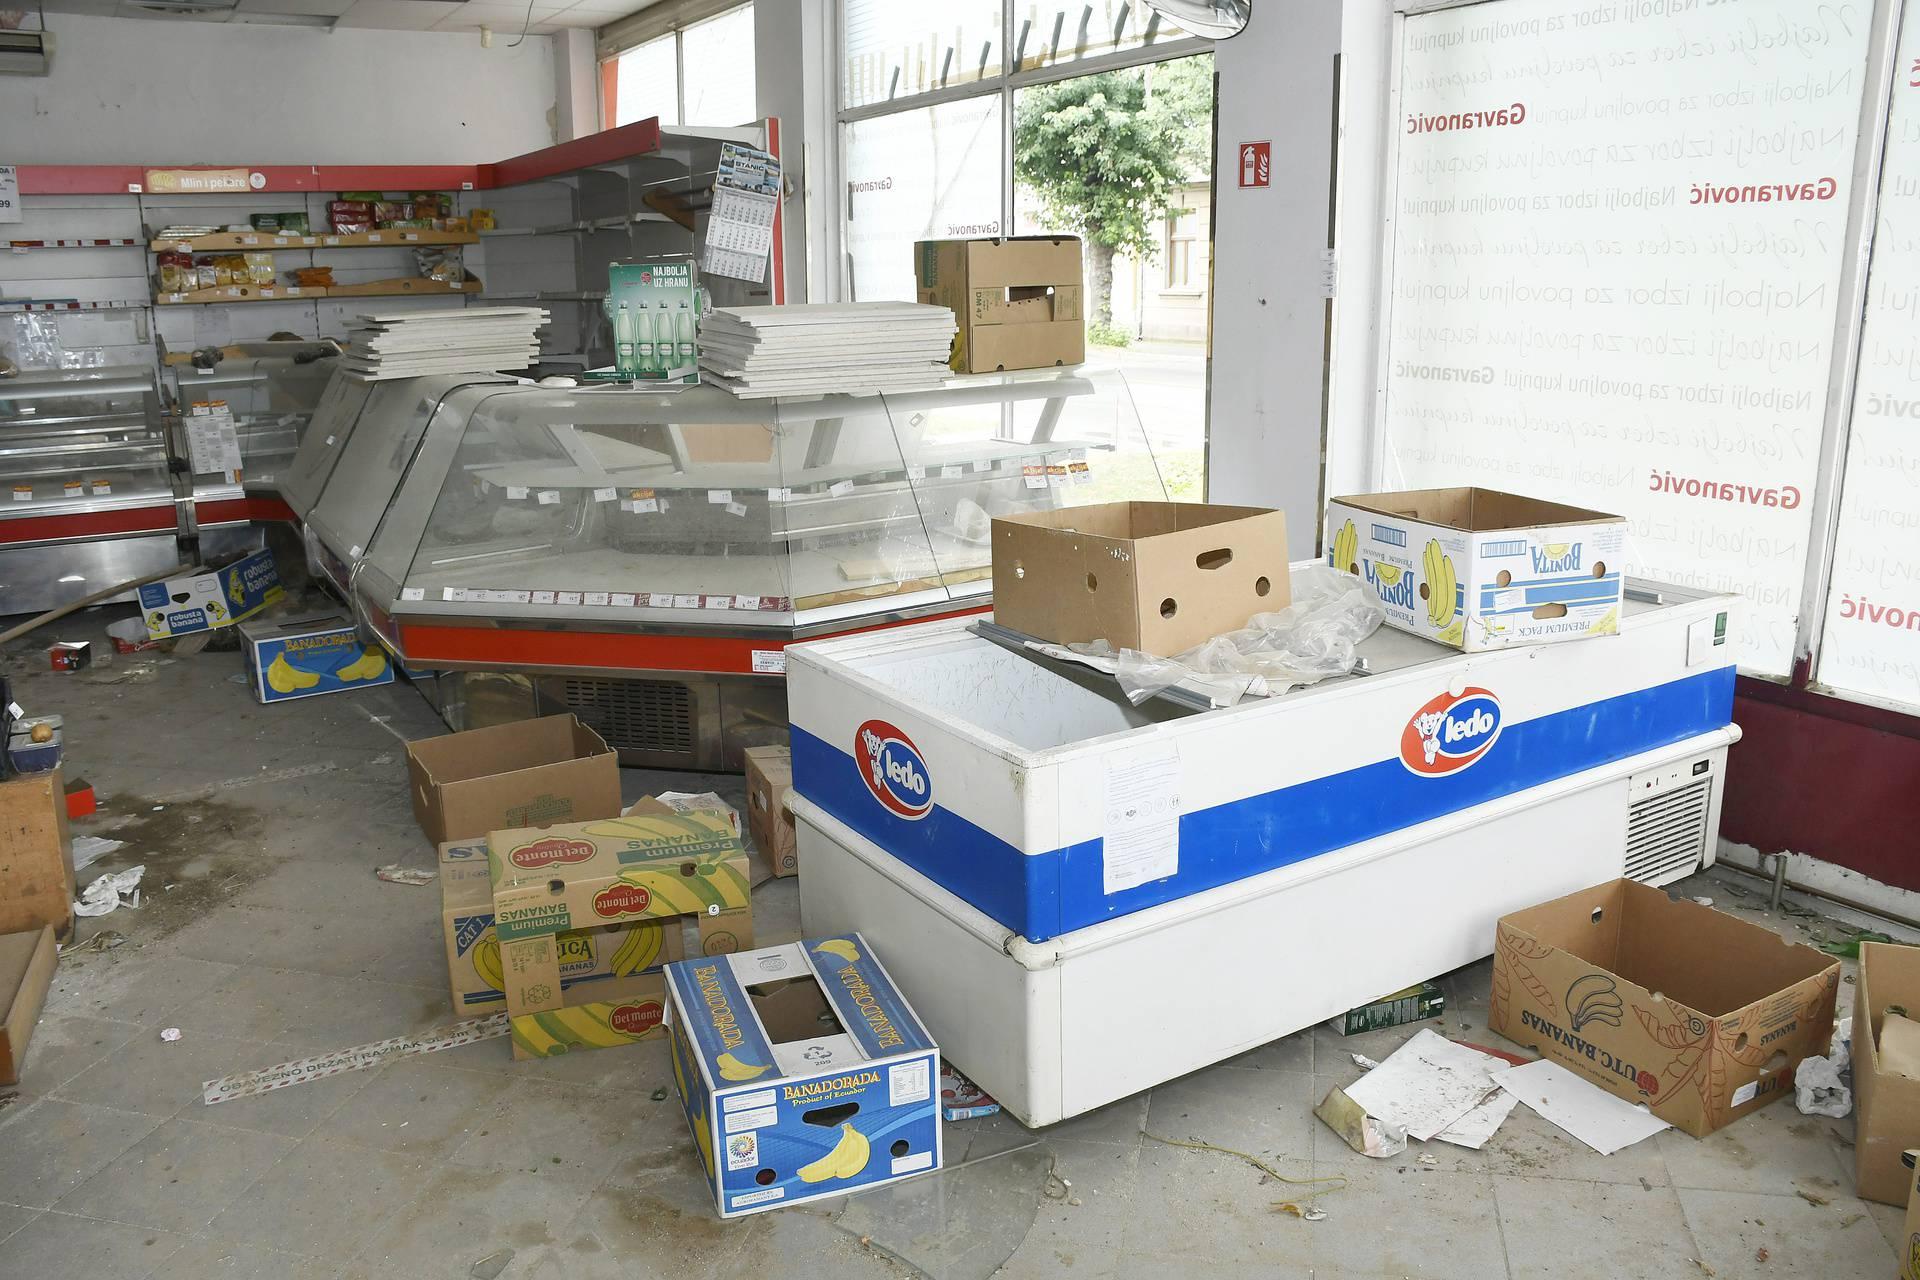 Petrinja 6 mjeseci od potresa: Auto pod ciglama, pokvareni proizvodi  na policama trgovine